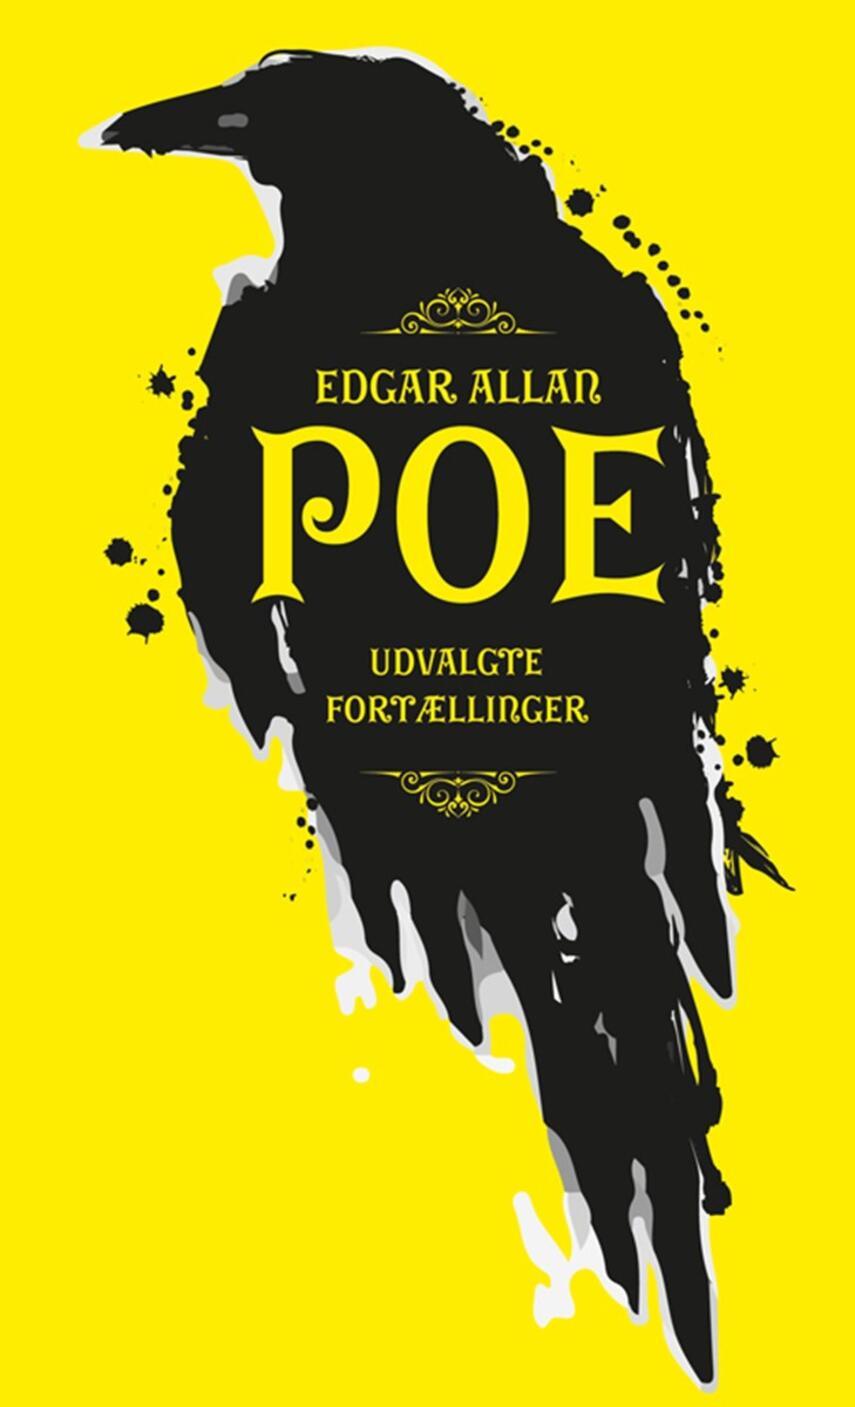 Edgar Allan Poe: Udvalgte fortællinger